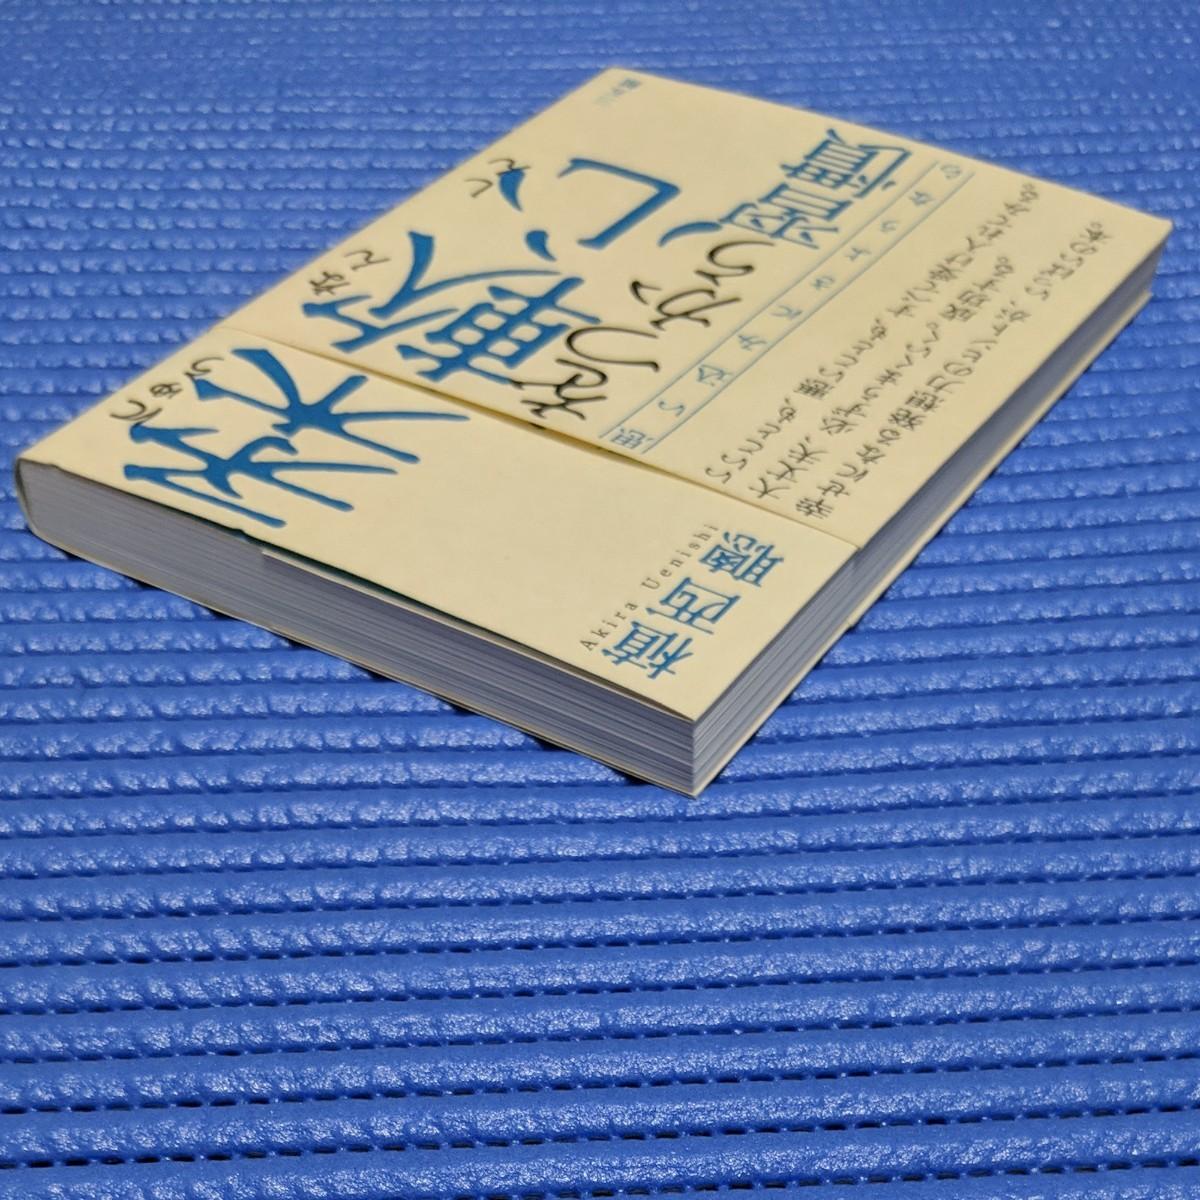 もも様専用 3冊セット(柔軟心を使う習慣、論語、いちずに一本道)